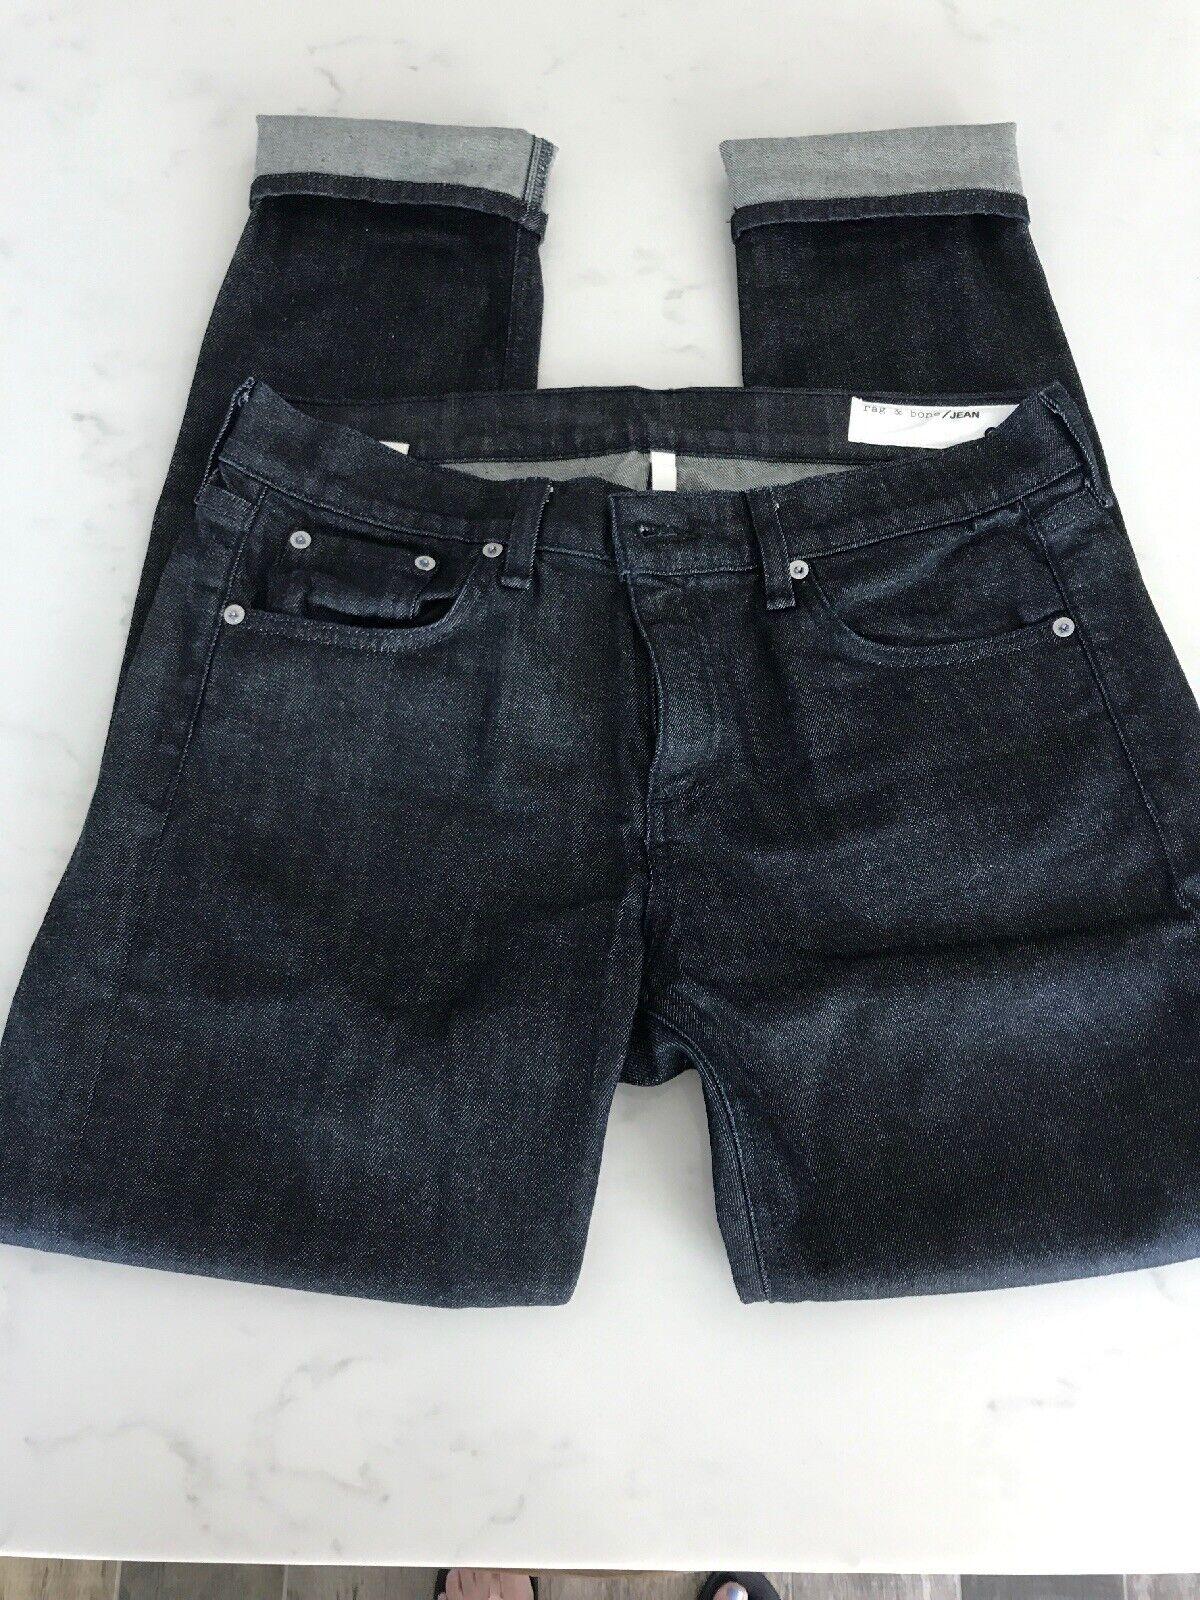 Rag & Bone Dre Indigo Slim Fit Pojkvänner Jeans, Storlek 29 NWOT